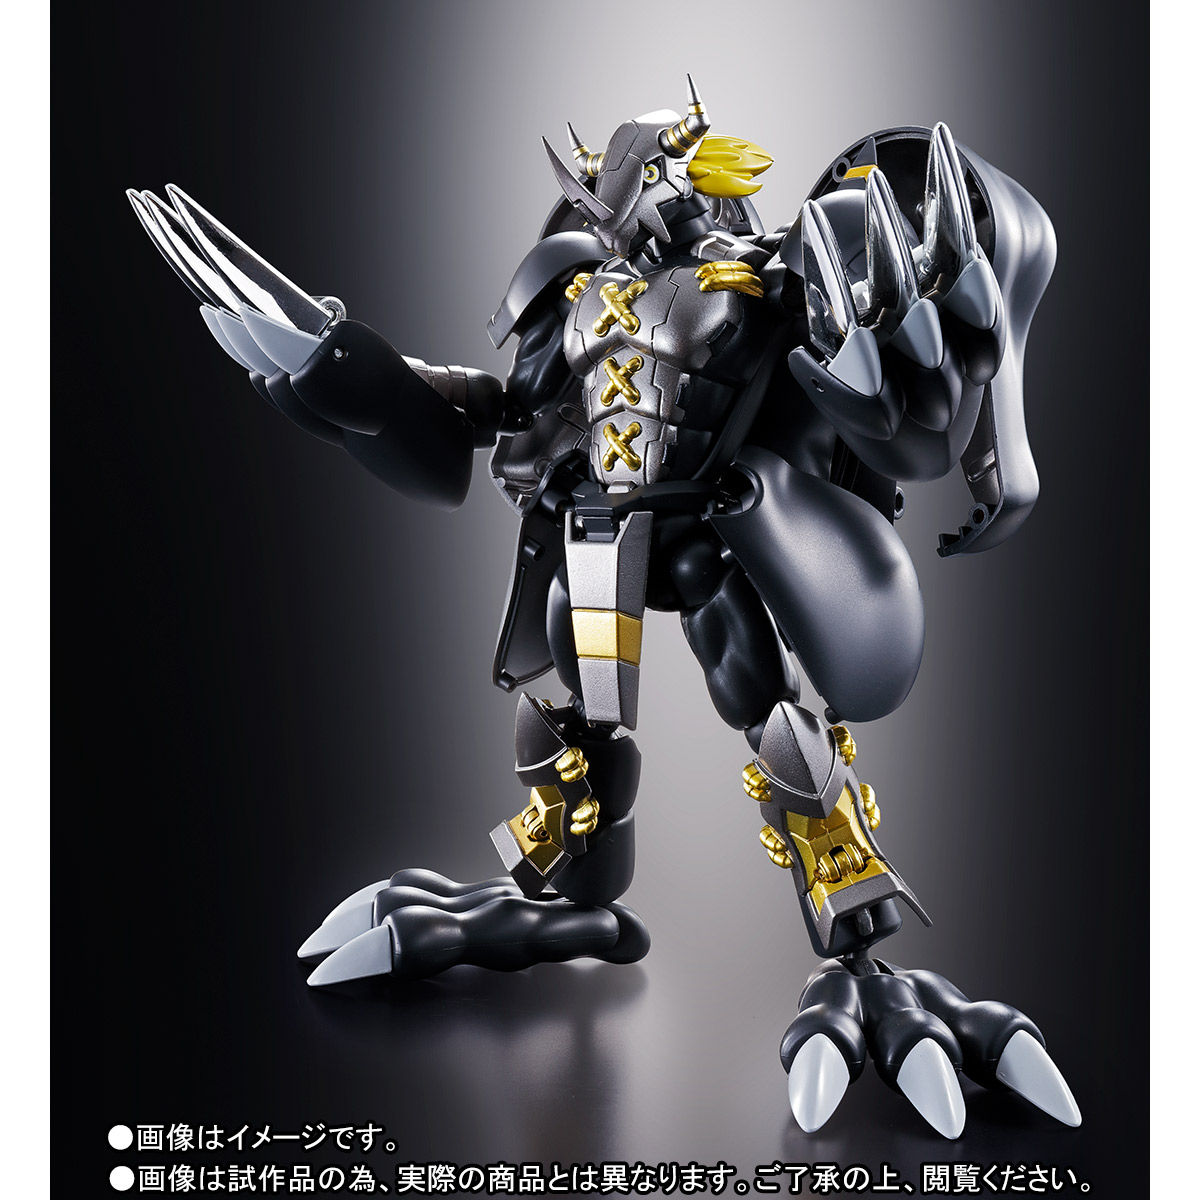 超進化魂 08『ブラックウォーグレイモン』デジモンアドベンチャー 可変可動フィギュア-002